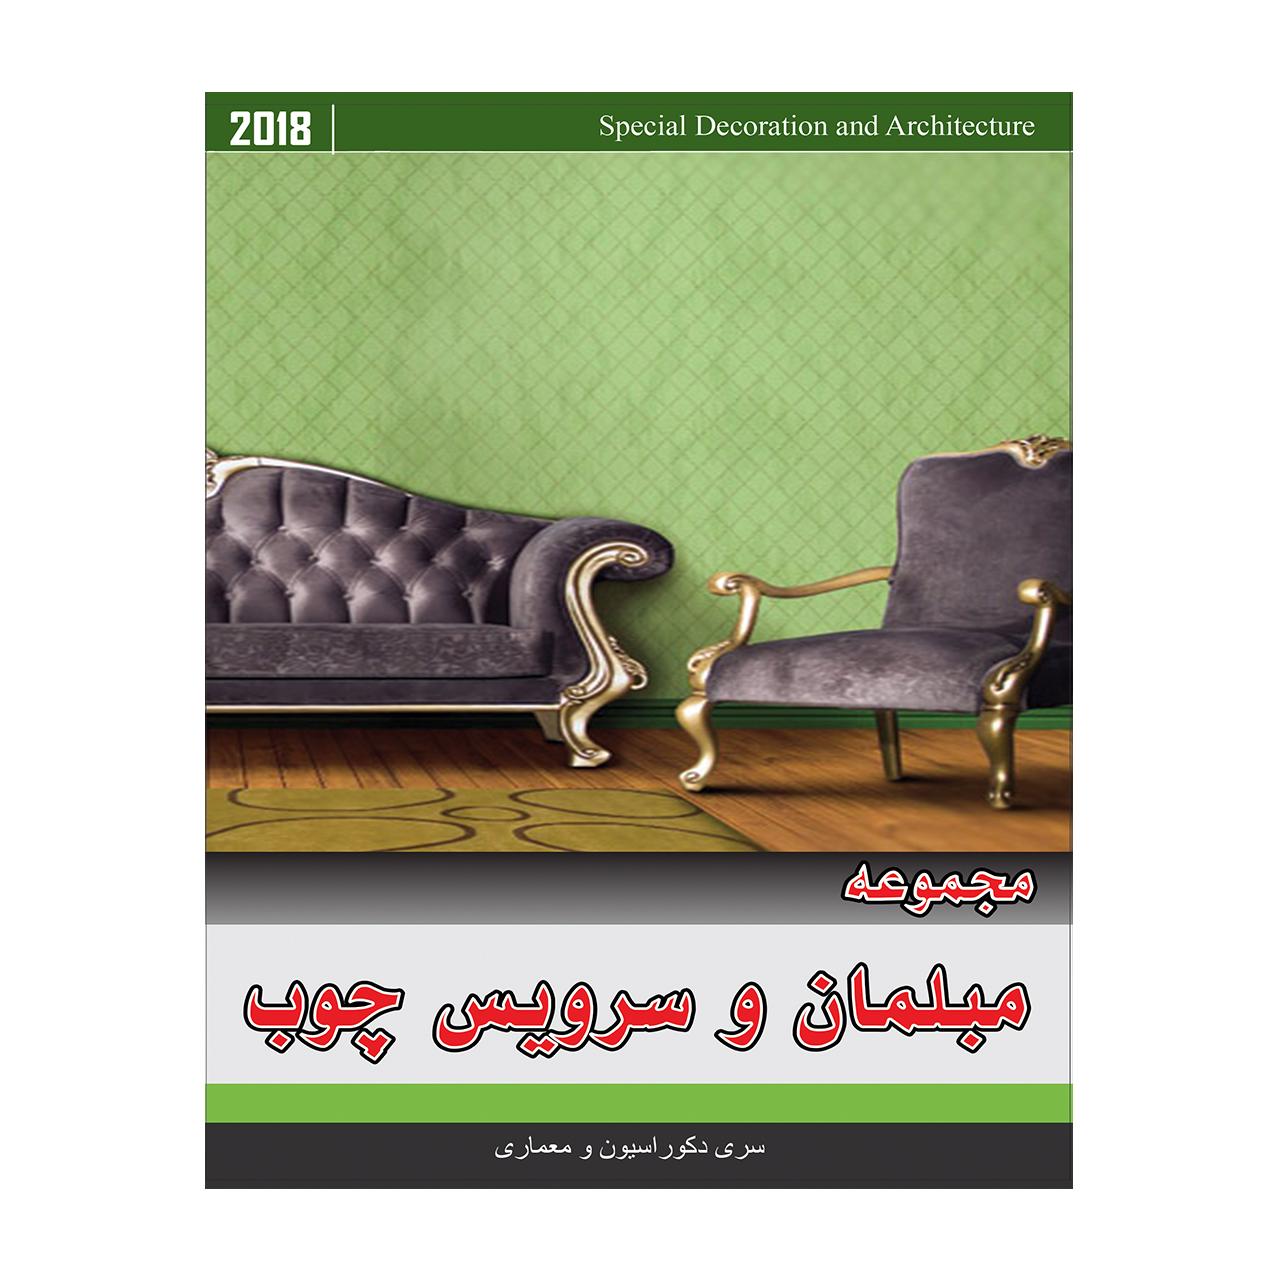 مجموعه تصاویر مبلمان و سرویس چوب نشر جی ای بانک